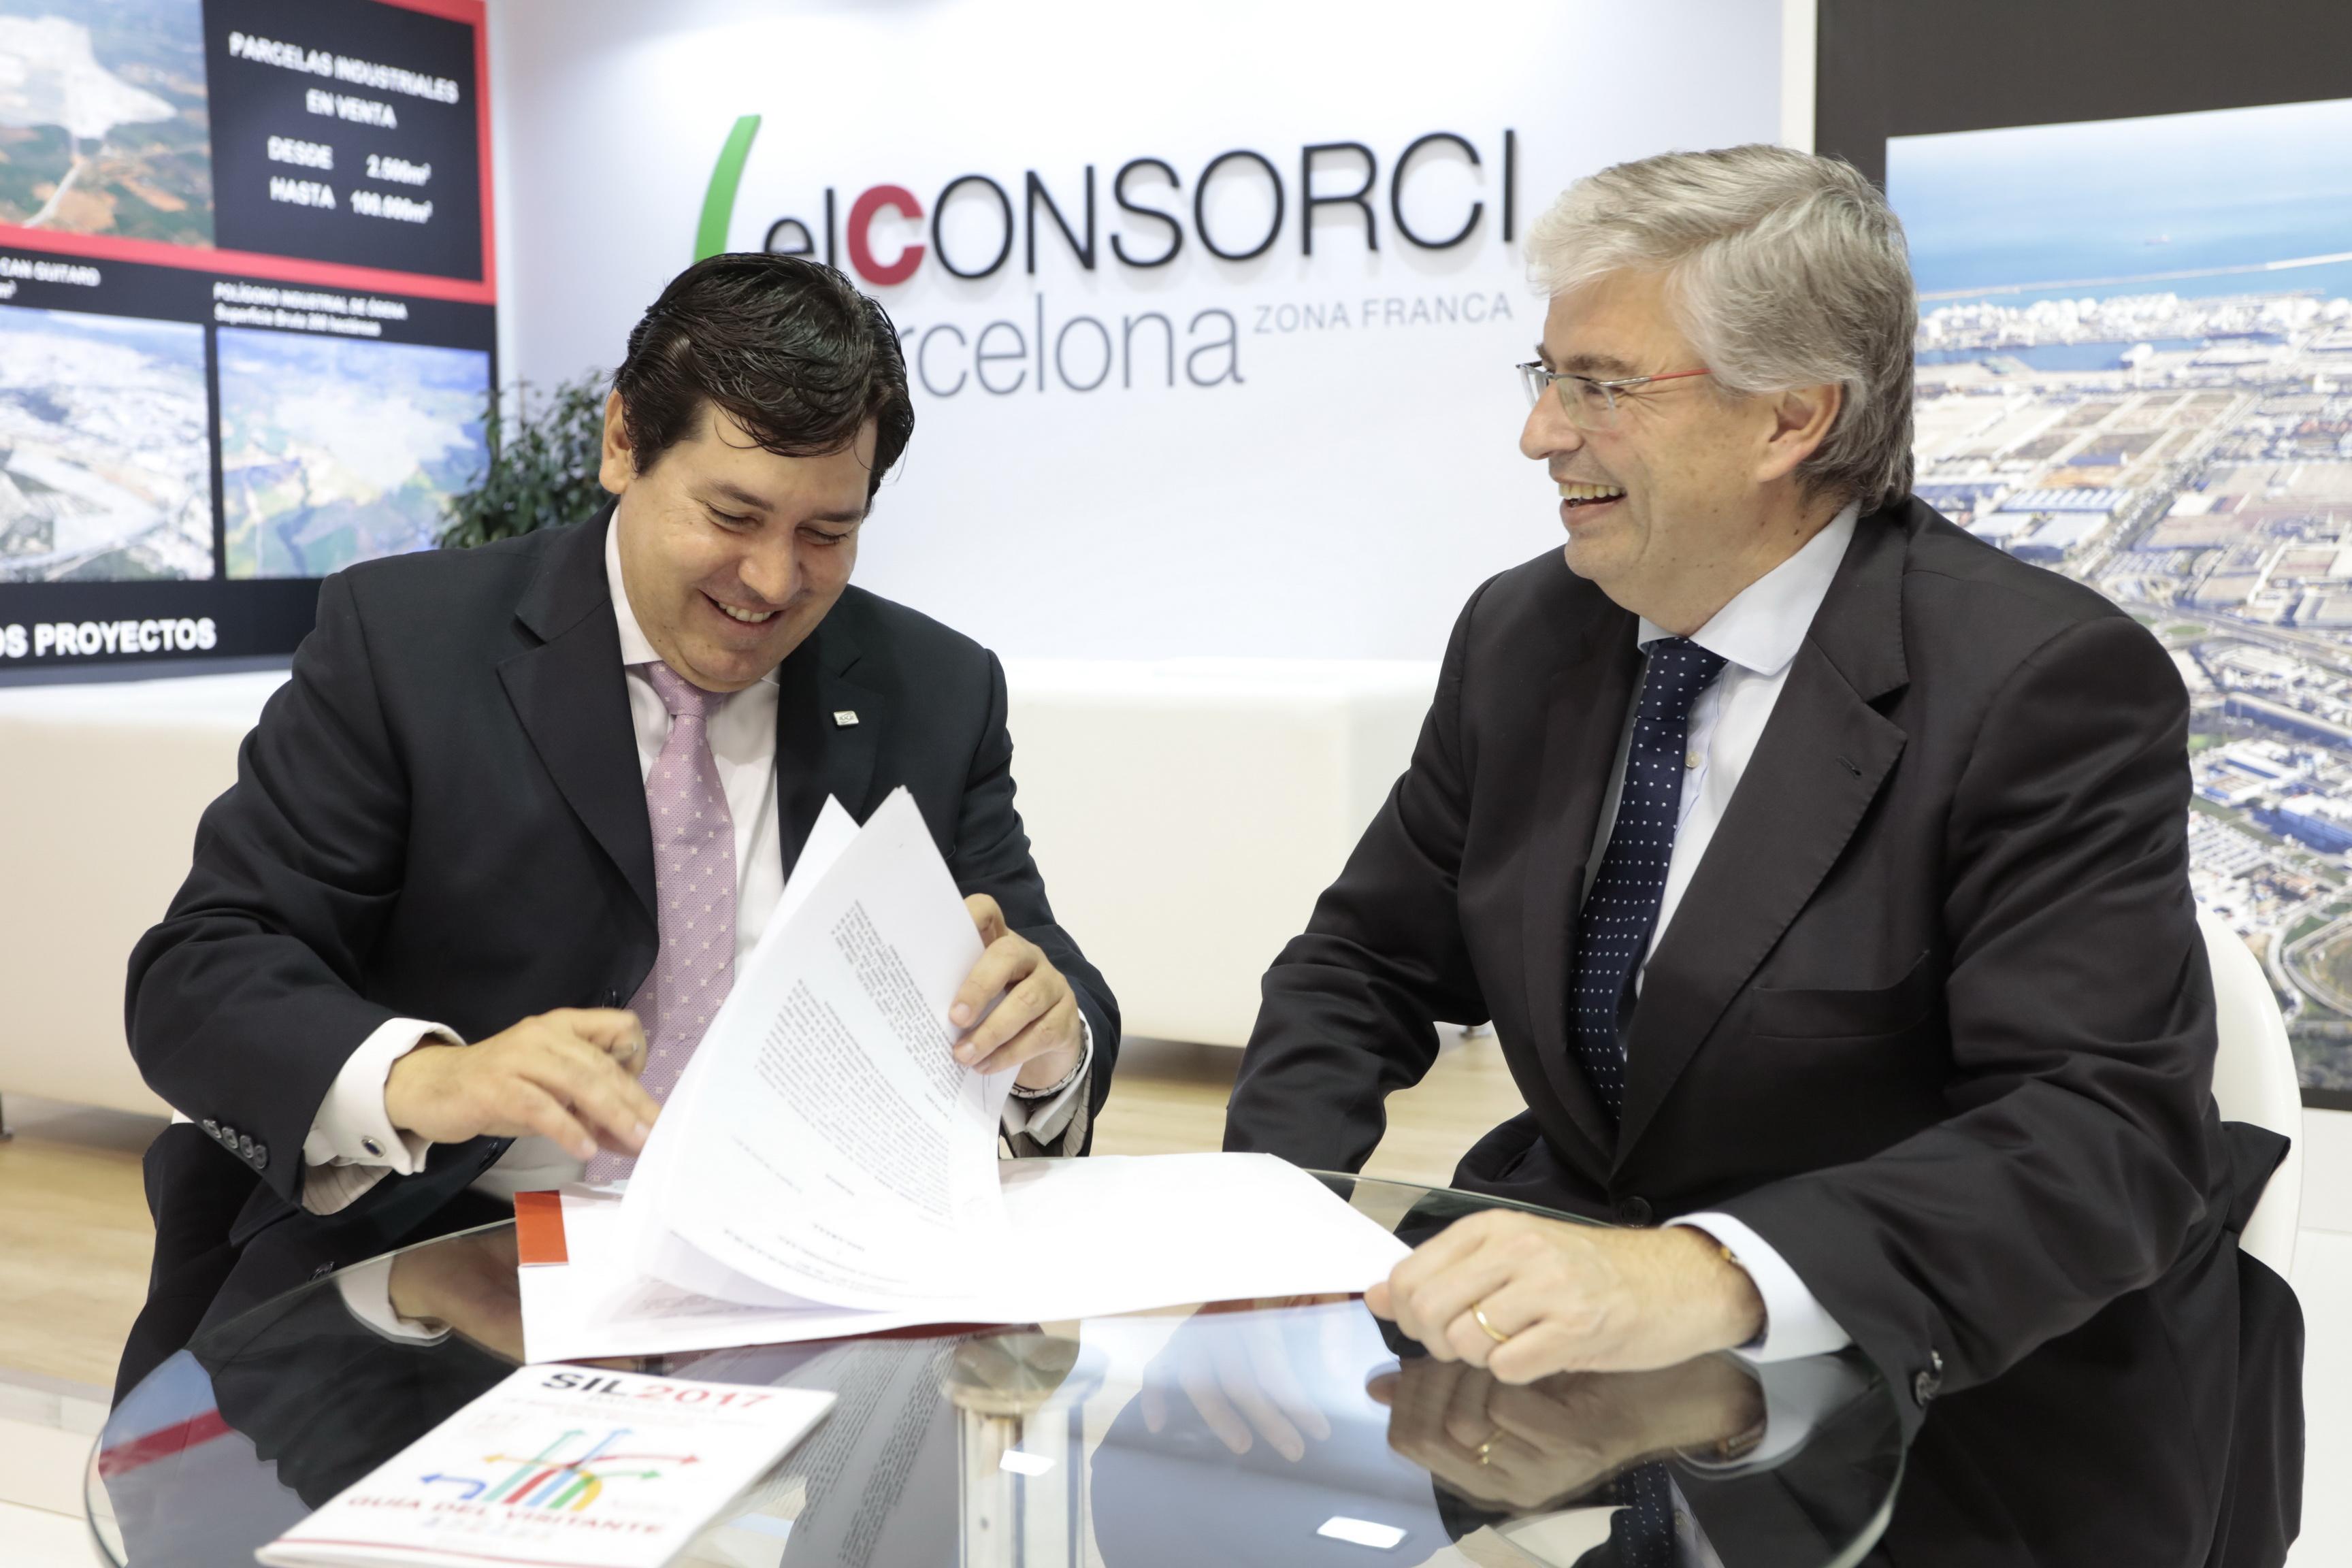 La 35ª edición del Congreso de la Federación de Asociaciones de carga y operadores logísticos internacionales de América Latina y el Caribe (ALACAT), espera reunir en Barcelona a más de 500 profesionales en 2019.